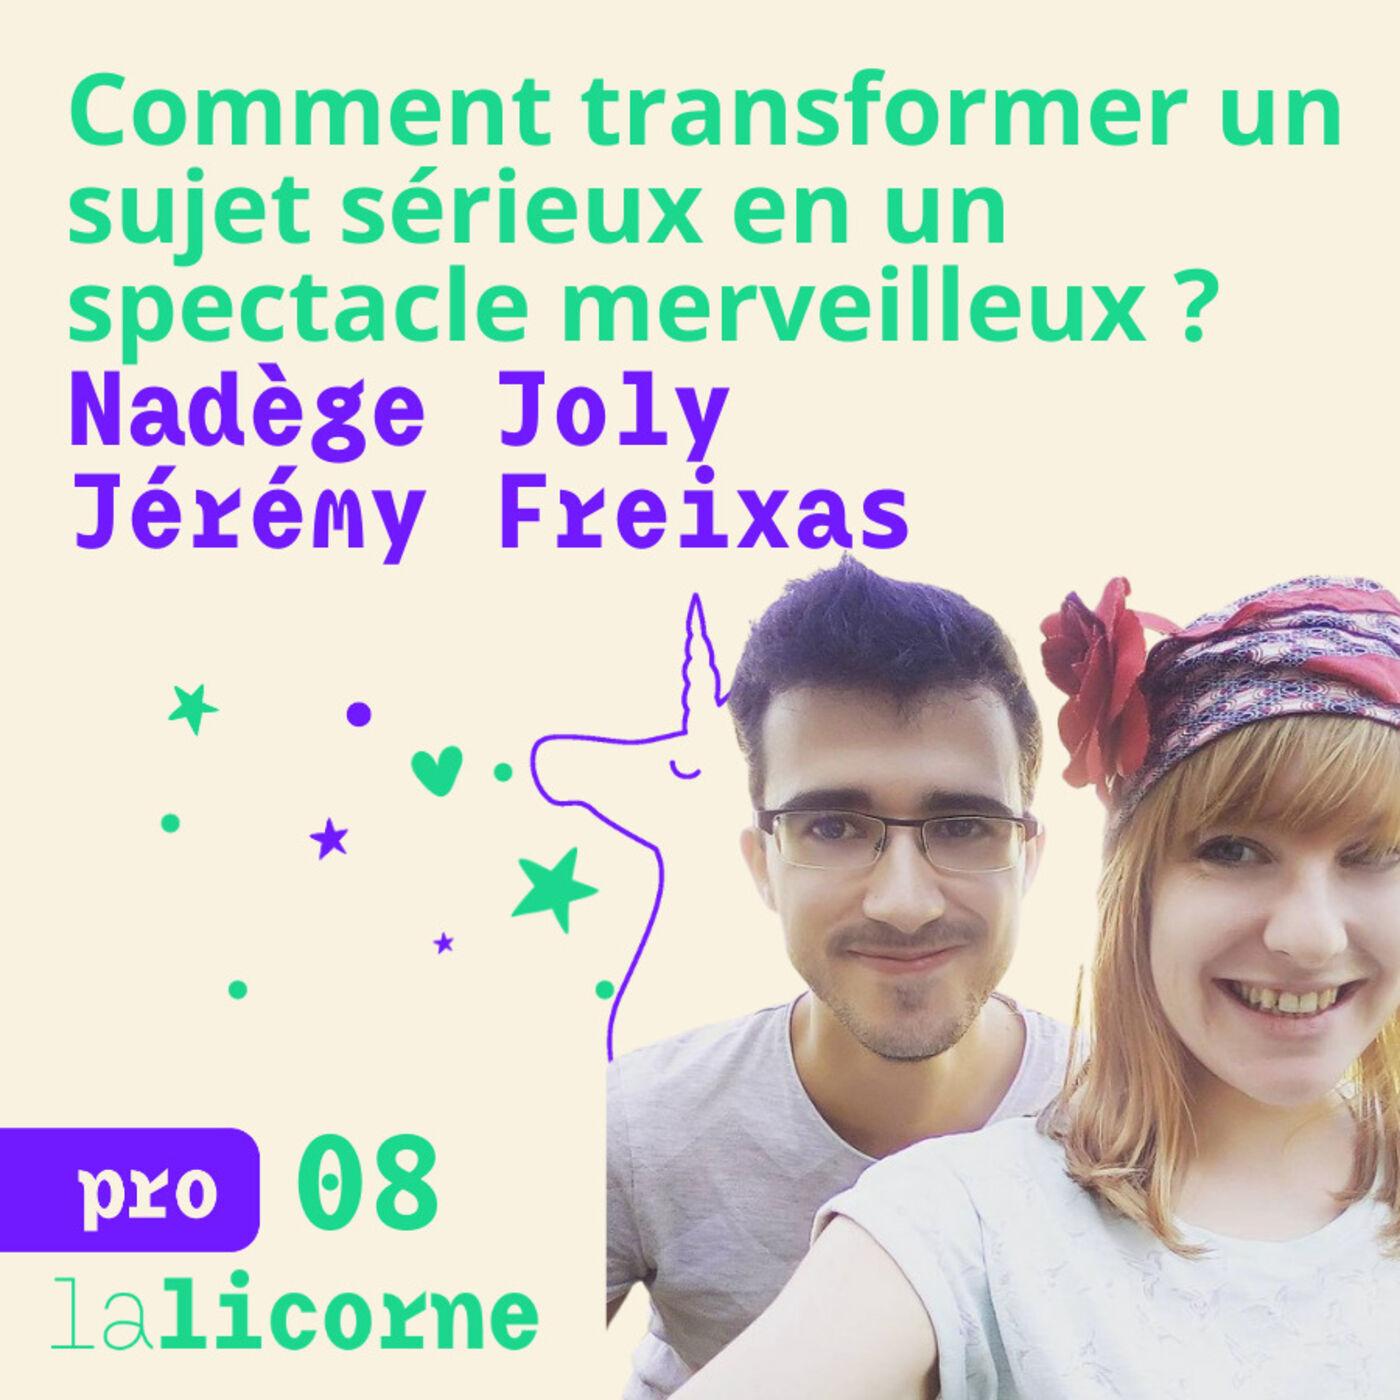 1.8 - Pro ✨ Nadège Joly et Jérémy Freixas - Comment transformer un sujet sérieux en spectacle merveilleux ?